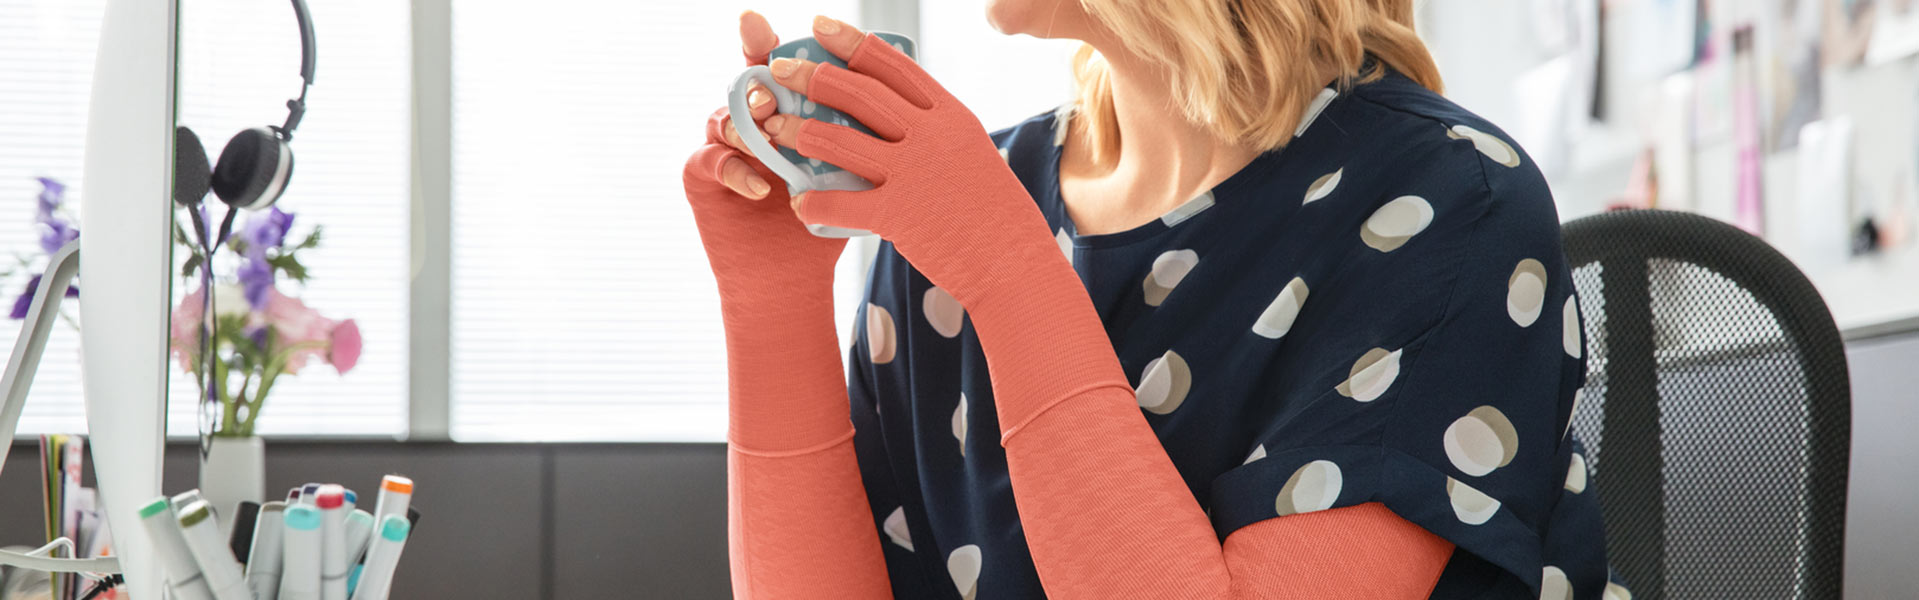 Orthopädie-Schuhtechnik Schwörer in Neustadt- Kompressionstherapie, eine Wohltat für Ihre Beine